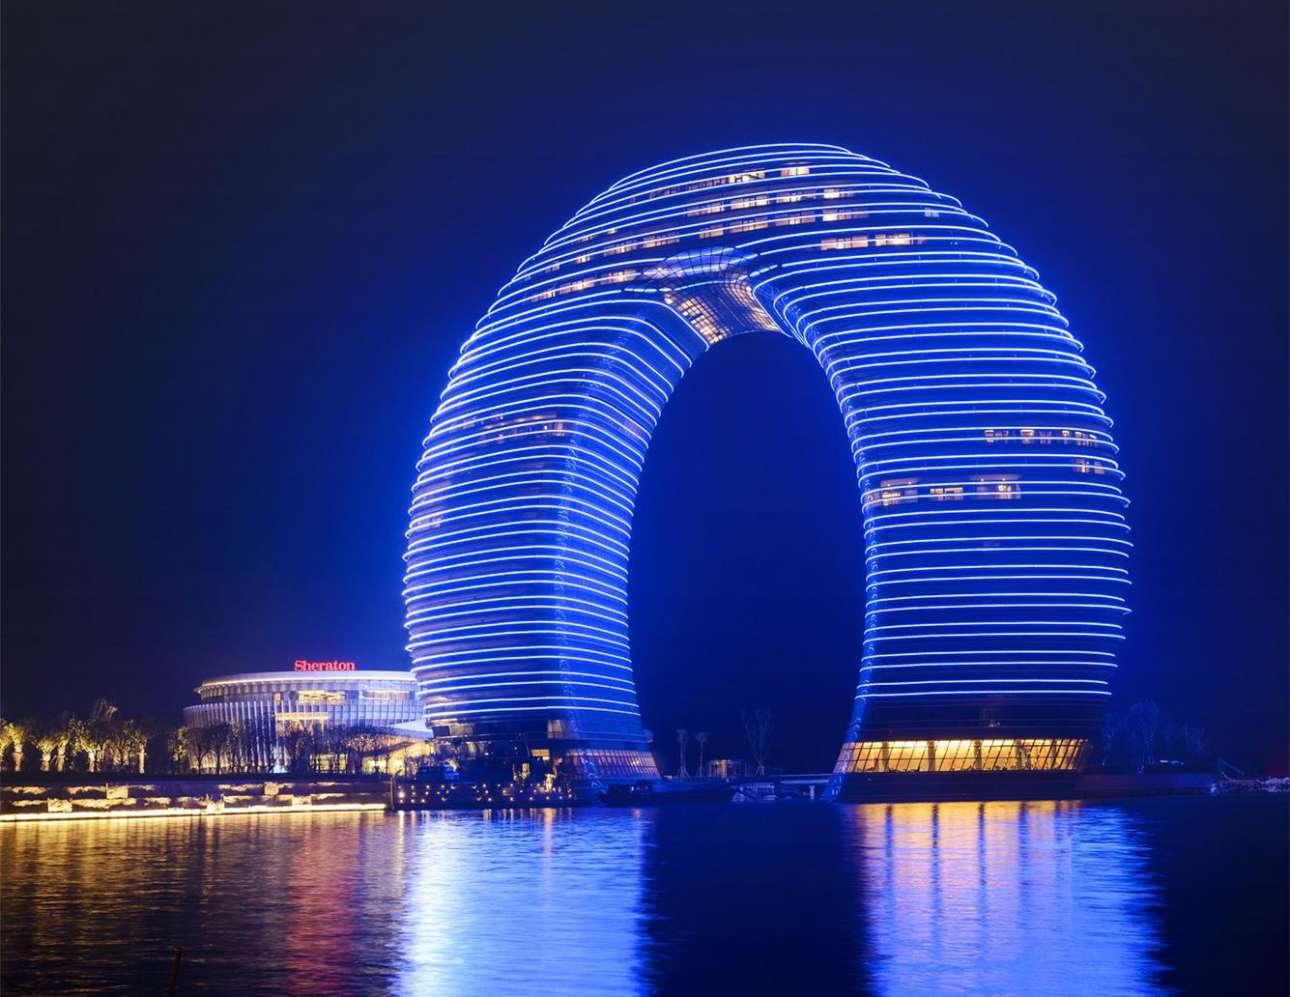 Sheraton_Huzhou_Hot_Spring_Resort_night_view-Xem trong trình duyệt-wikipedia